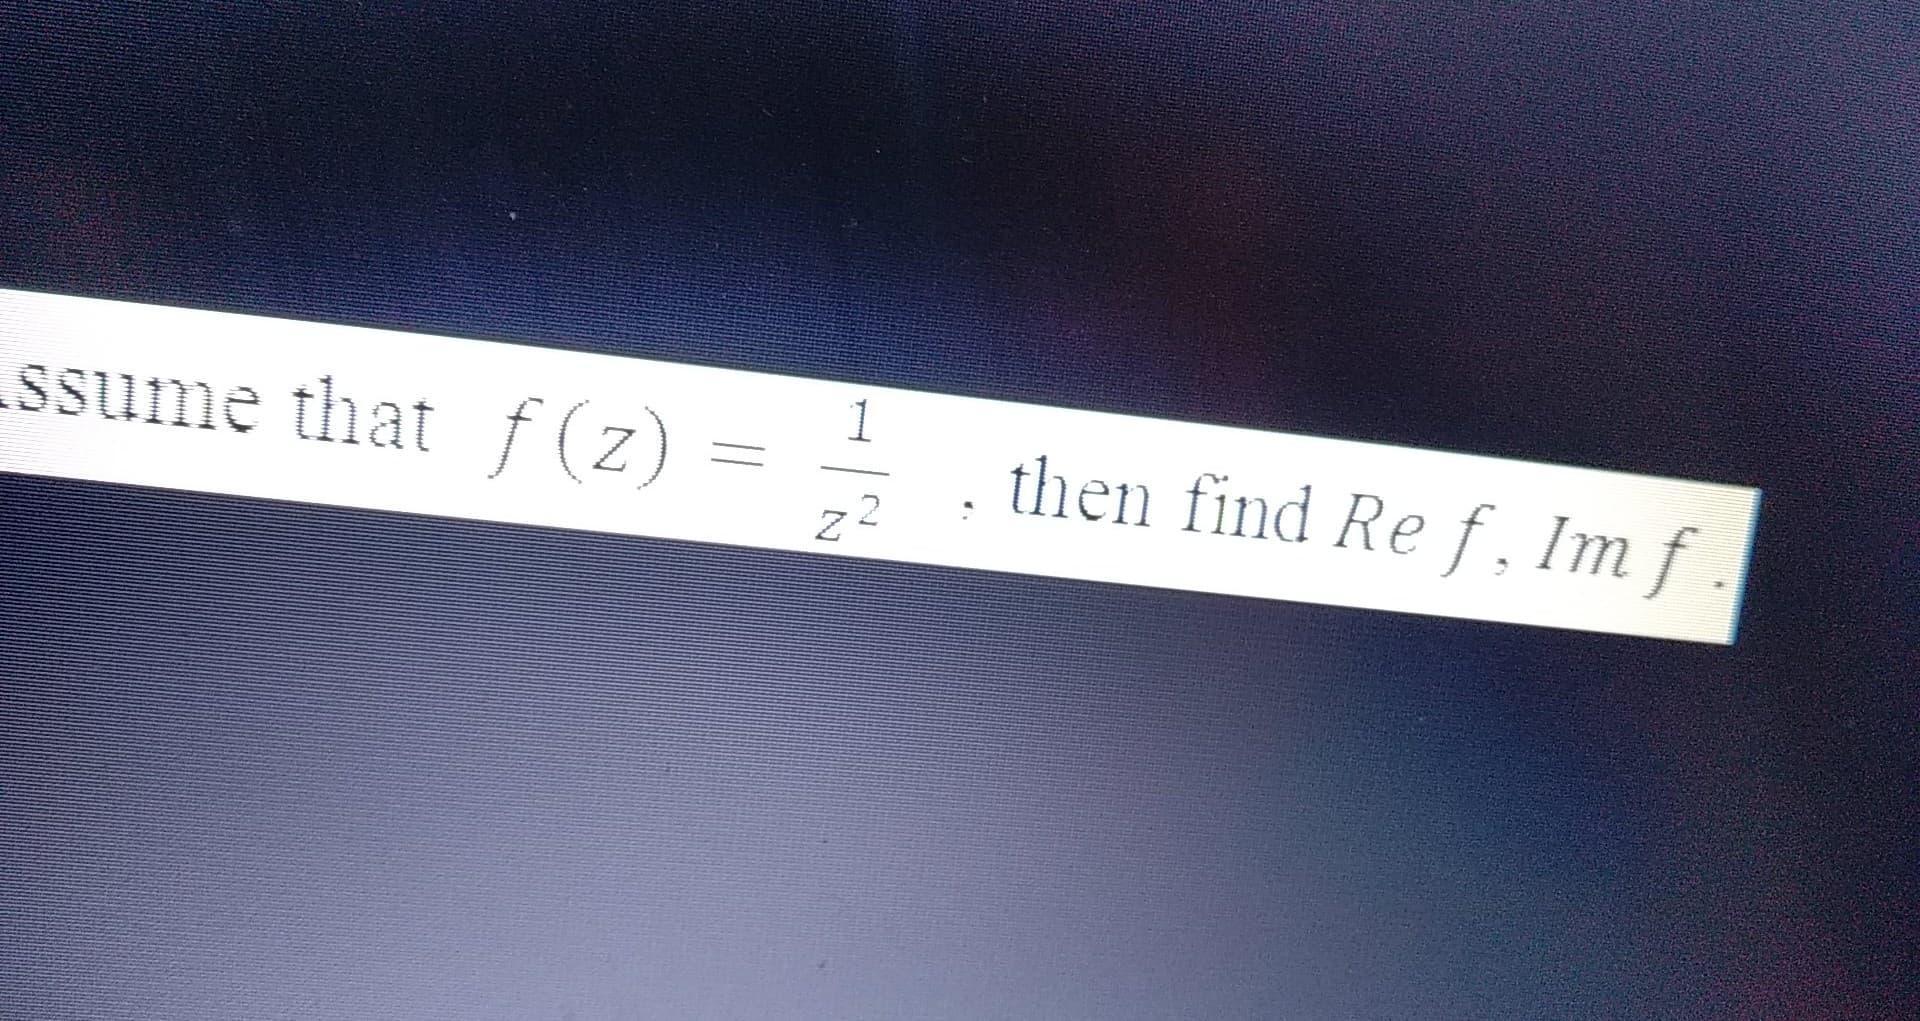 ssume that f(z) = 1 then find Ref. Im f Z